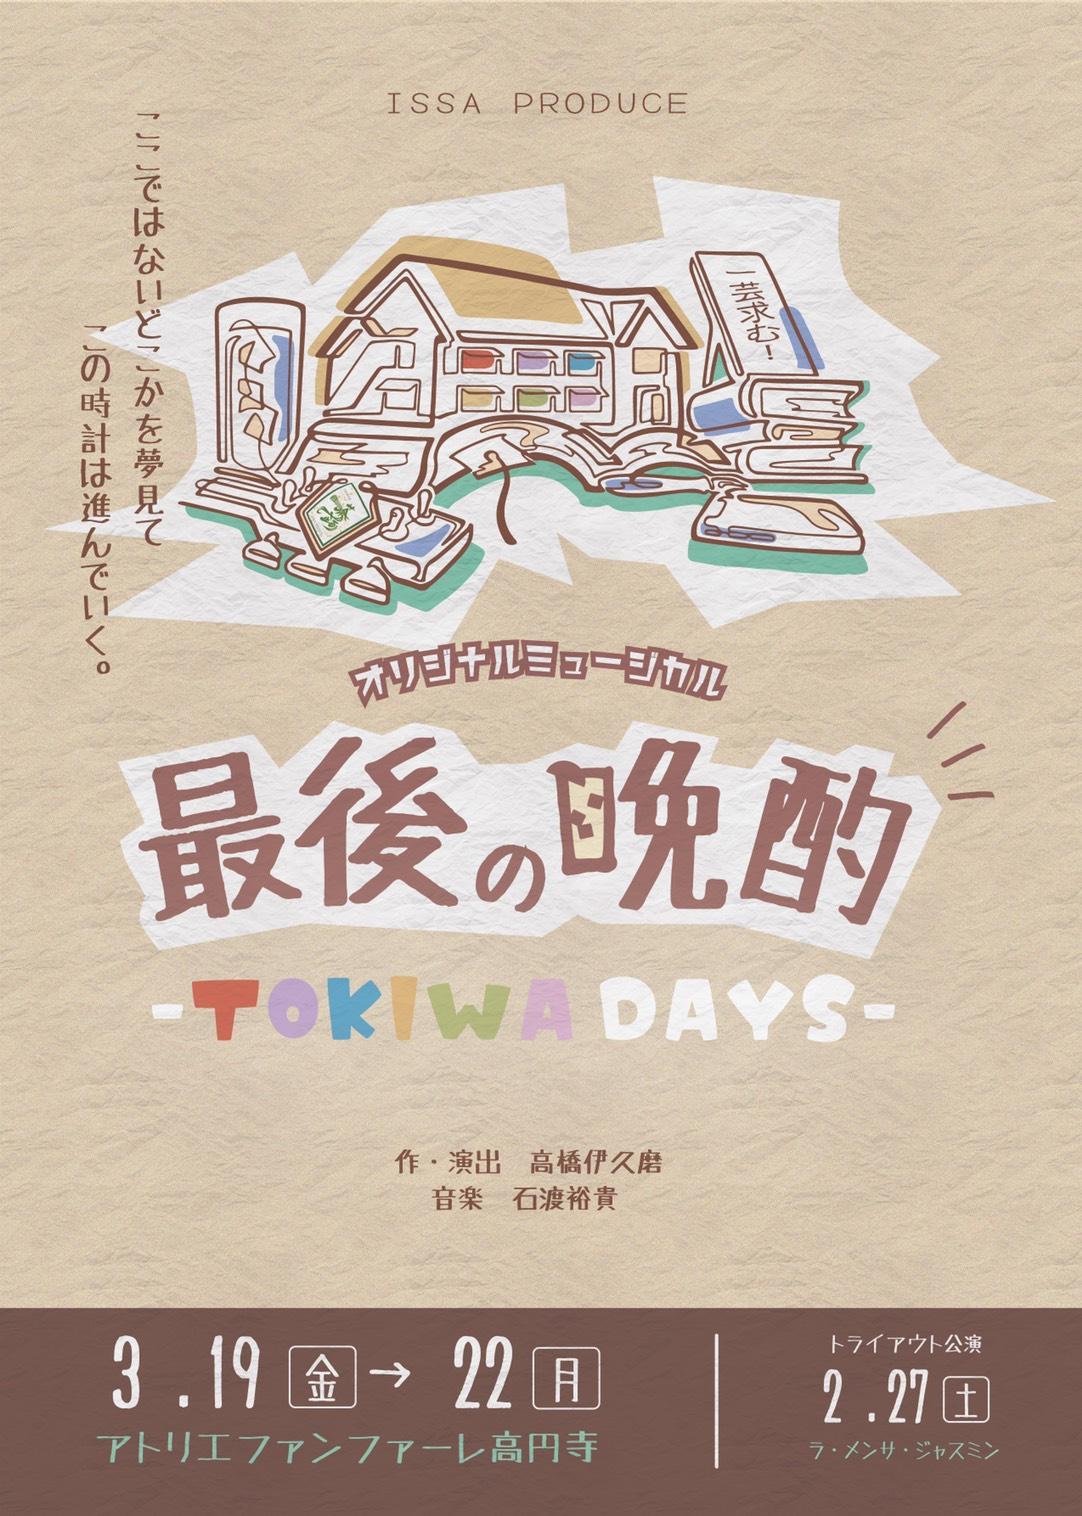 【配信 3/20 白】『最後の晩酌-TOKIWA DAYS-』配信チケット